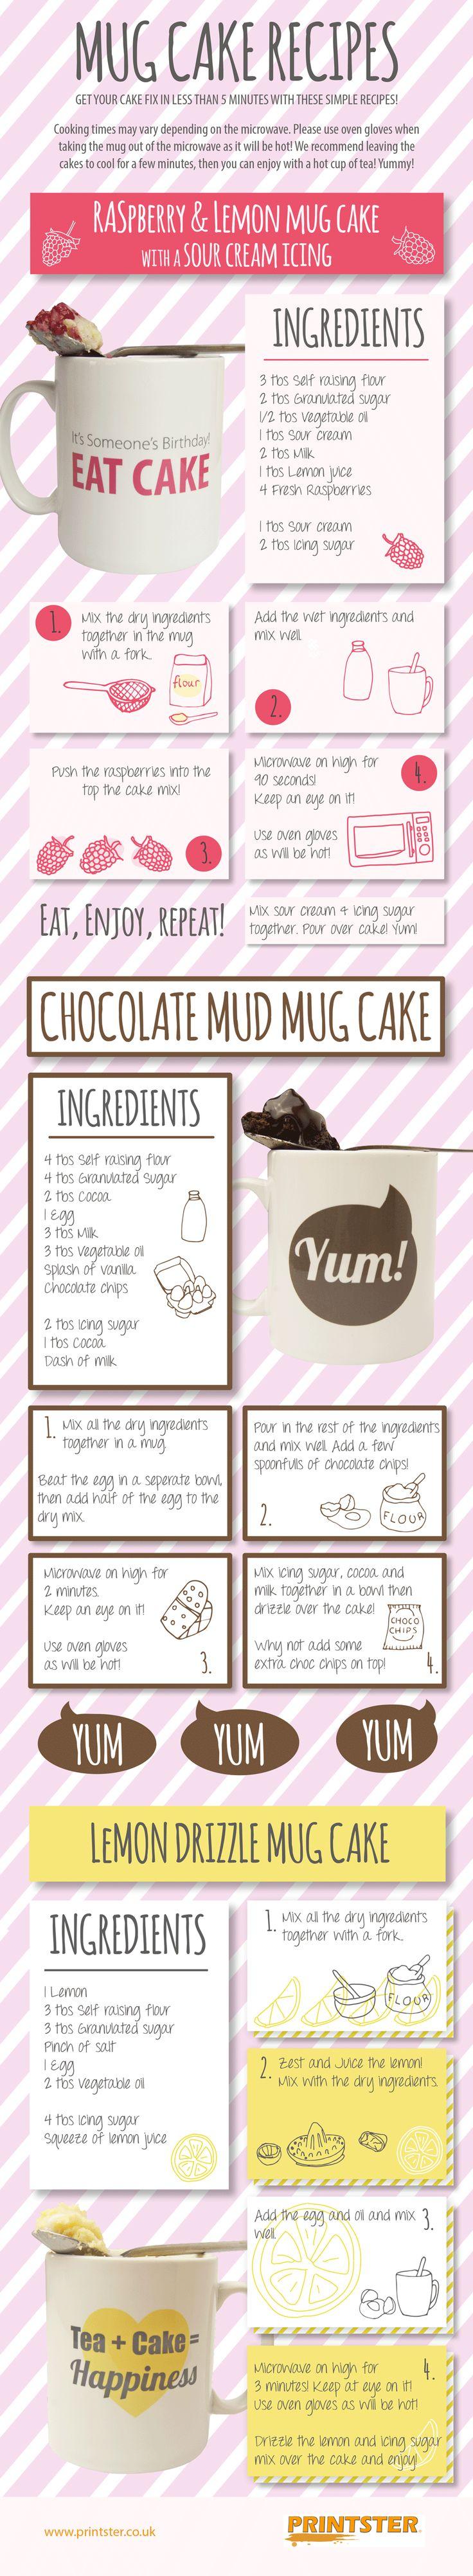 Mug Cake Recipes (can use organic ingredients)